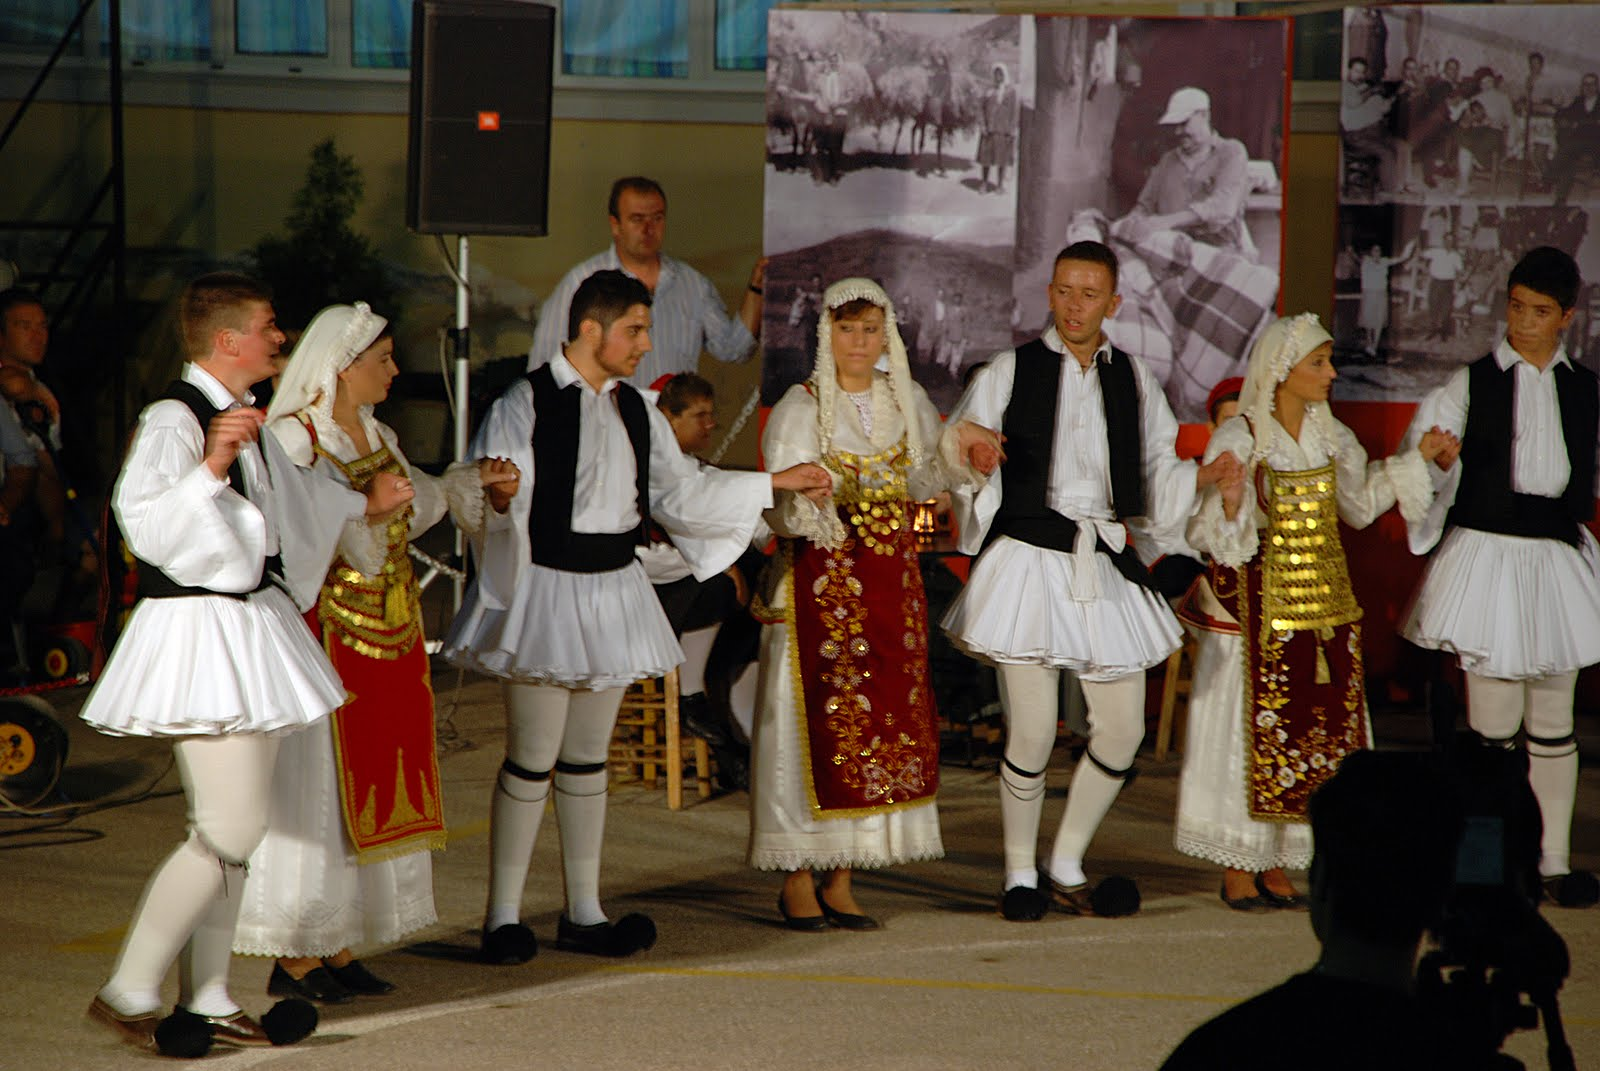 Διήμερο φεστιβάλ παραδοσιακών χορών στη Σκιάθο